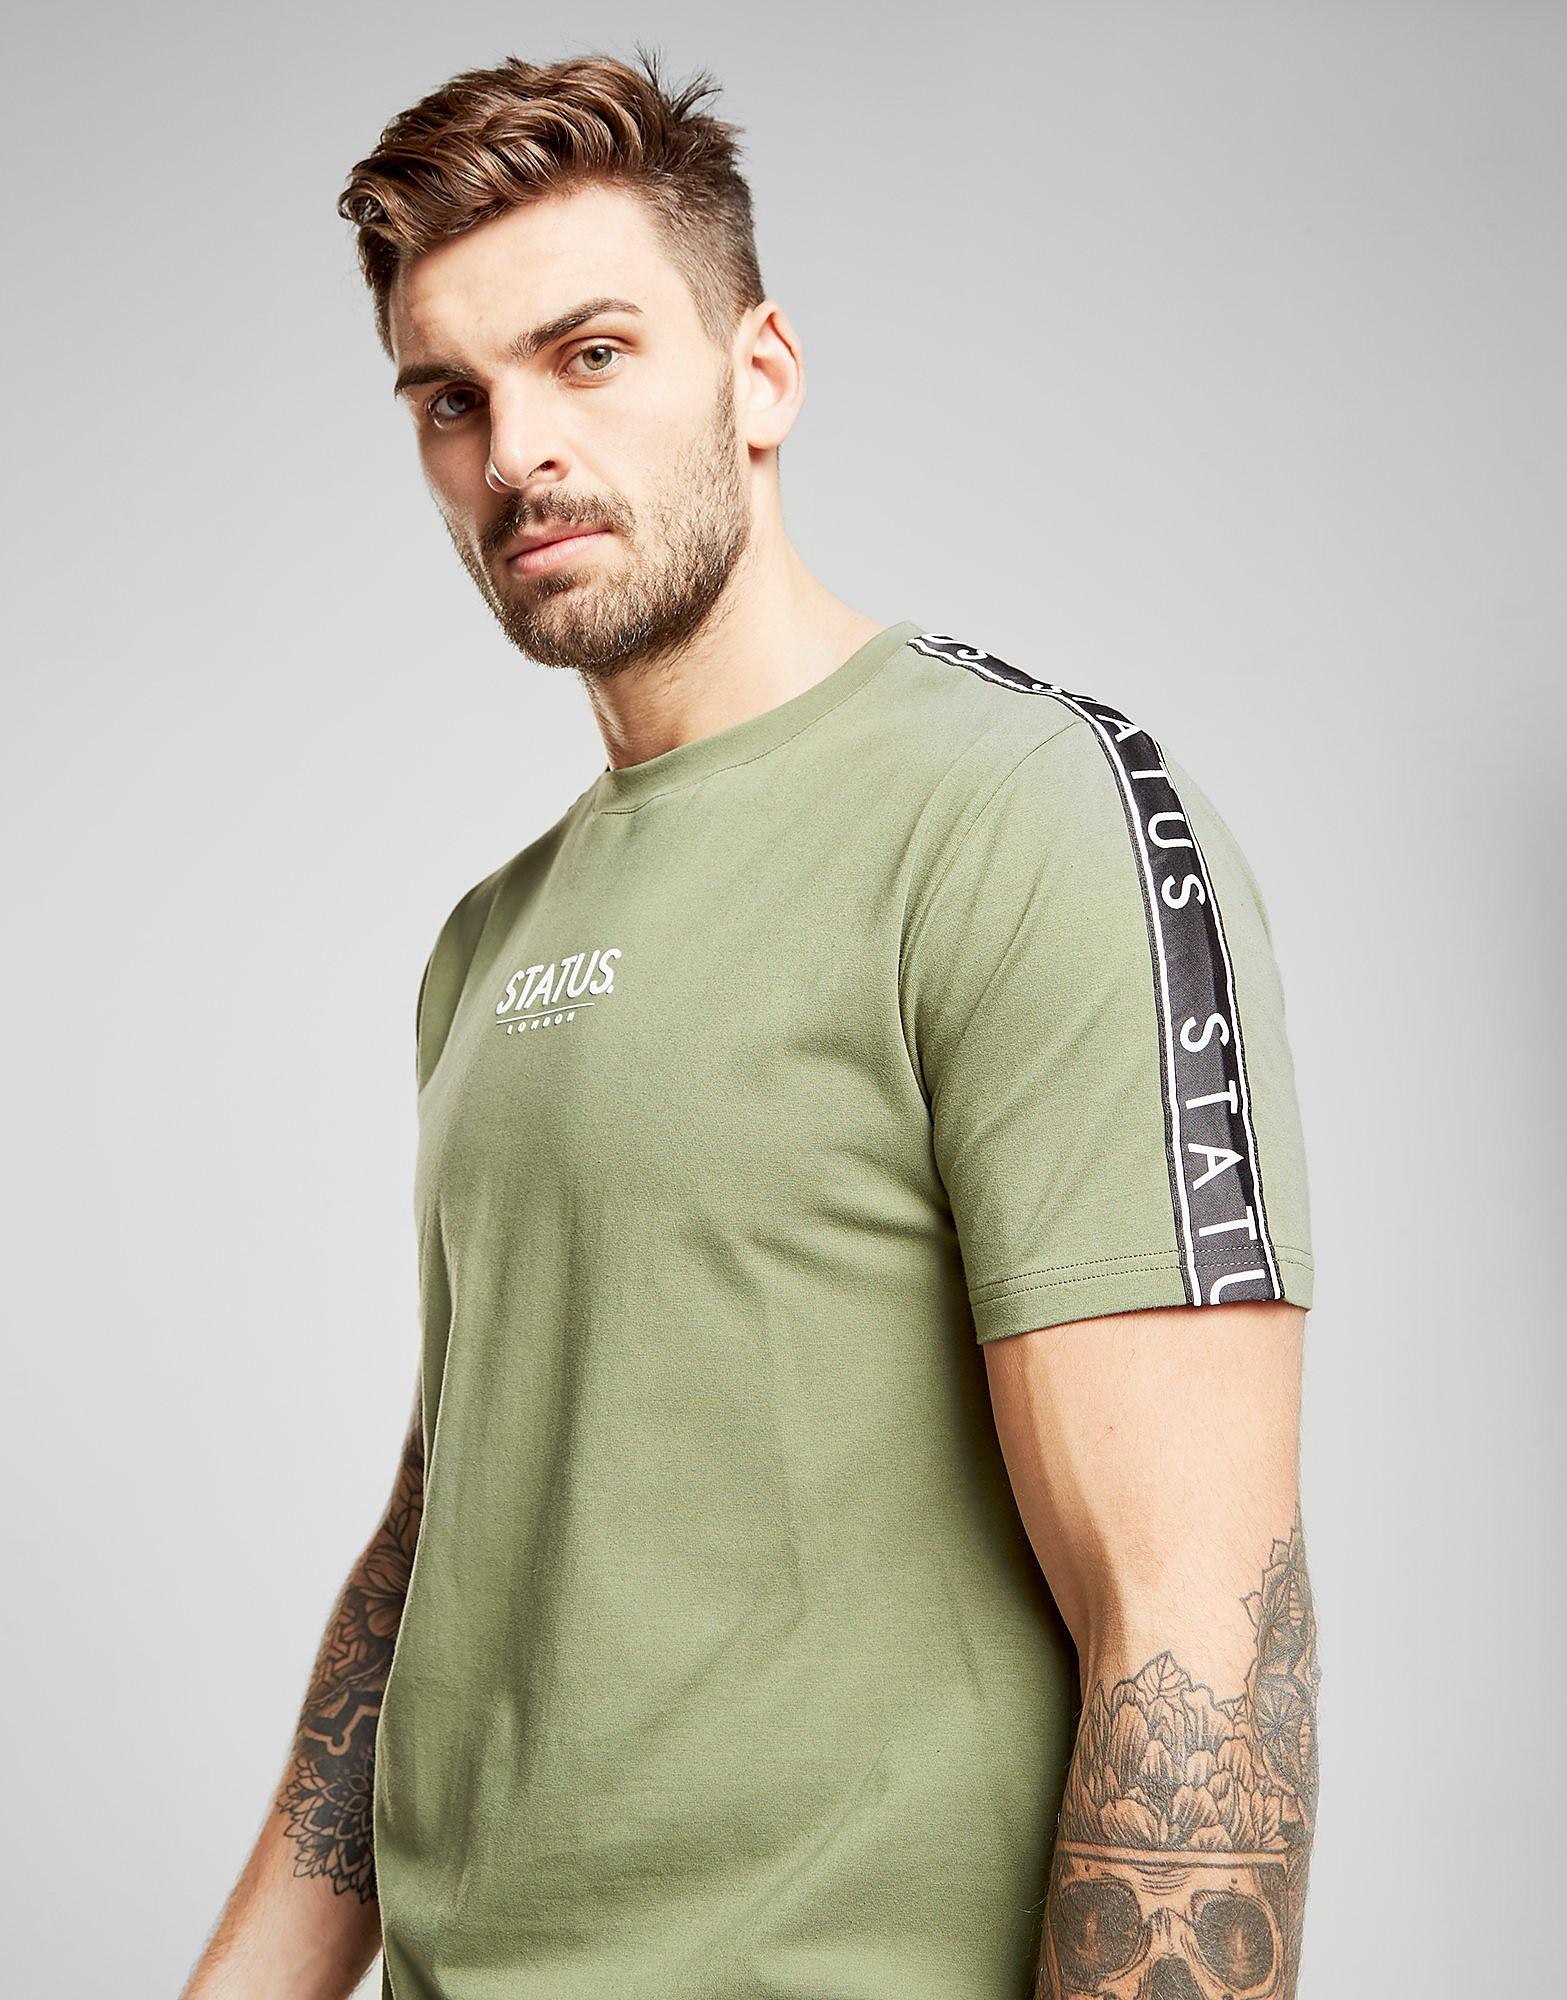 STATUS Wilson T-Shirt Heren - Khaki/Black - Heren